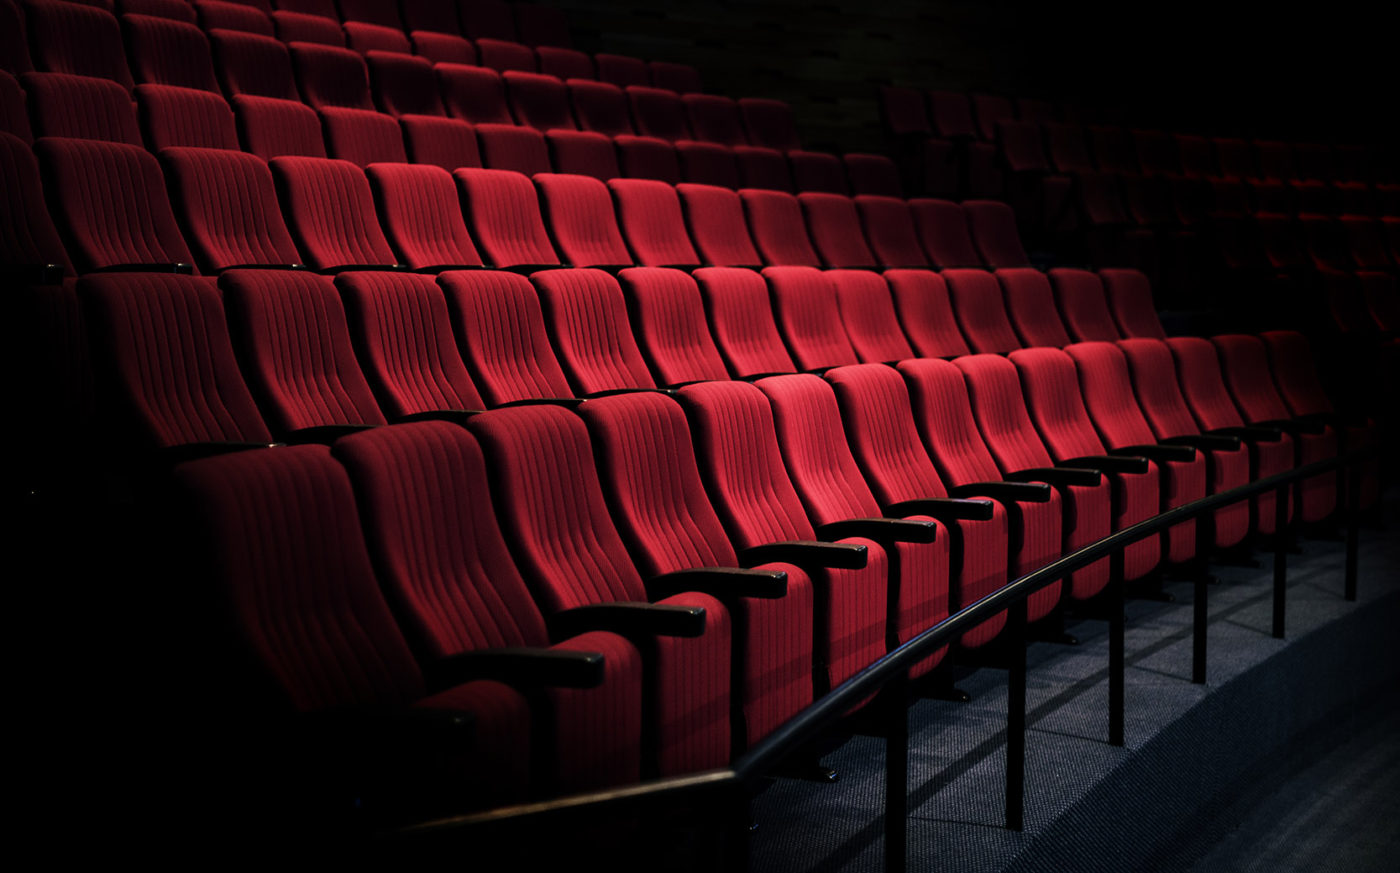 הנגשת אולמות קולנוע לכבדי שמיעה